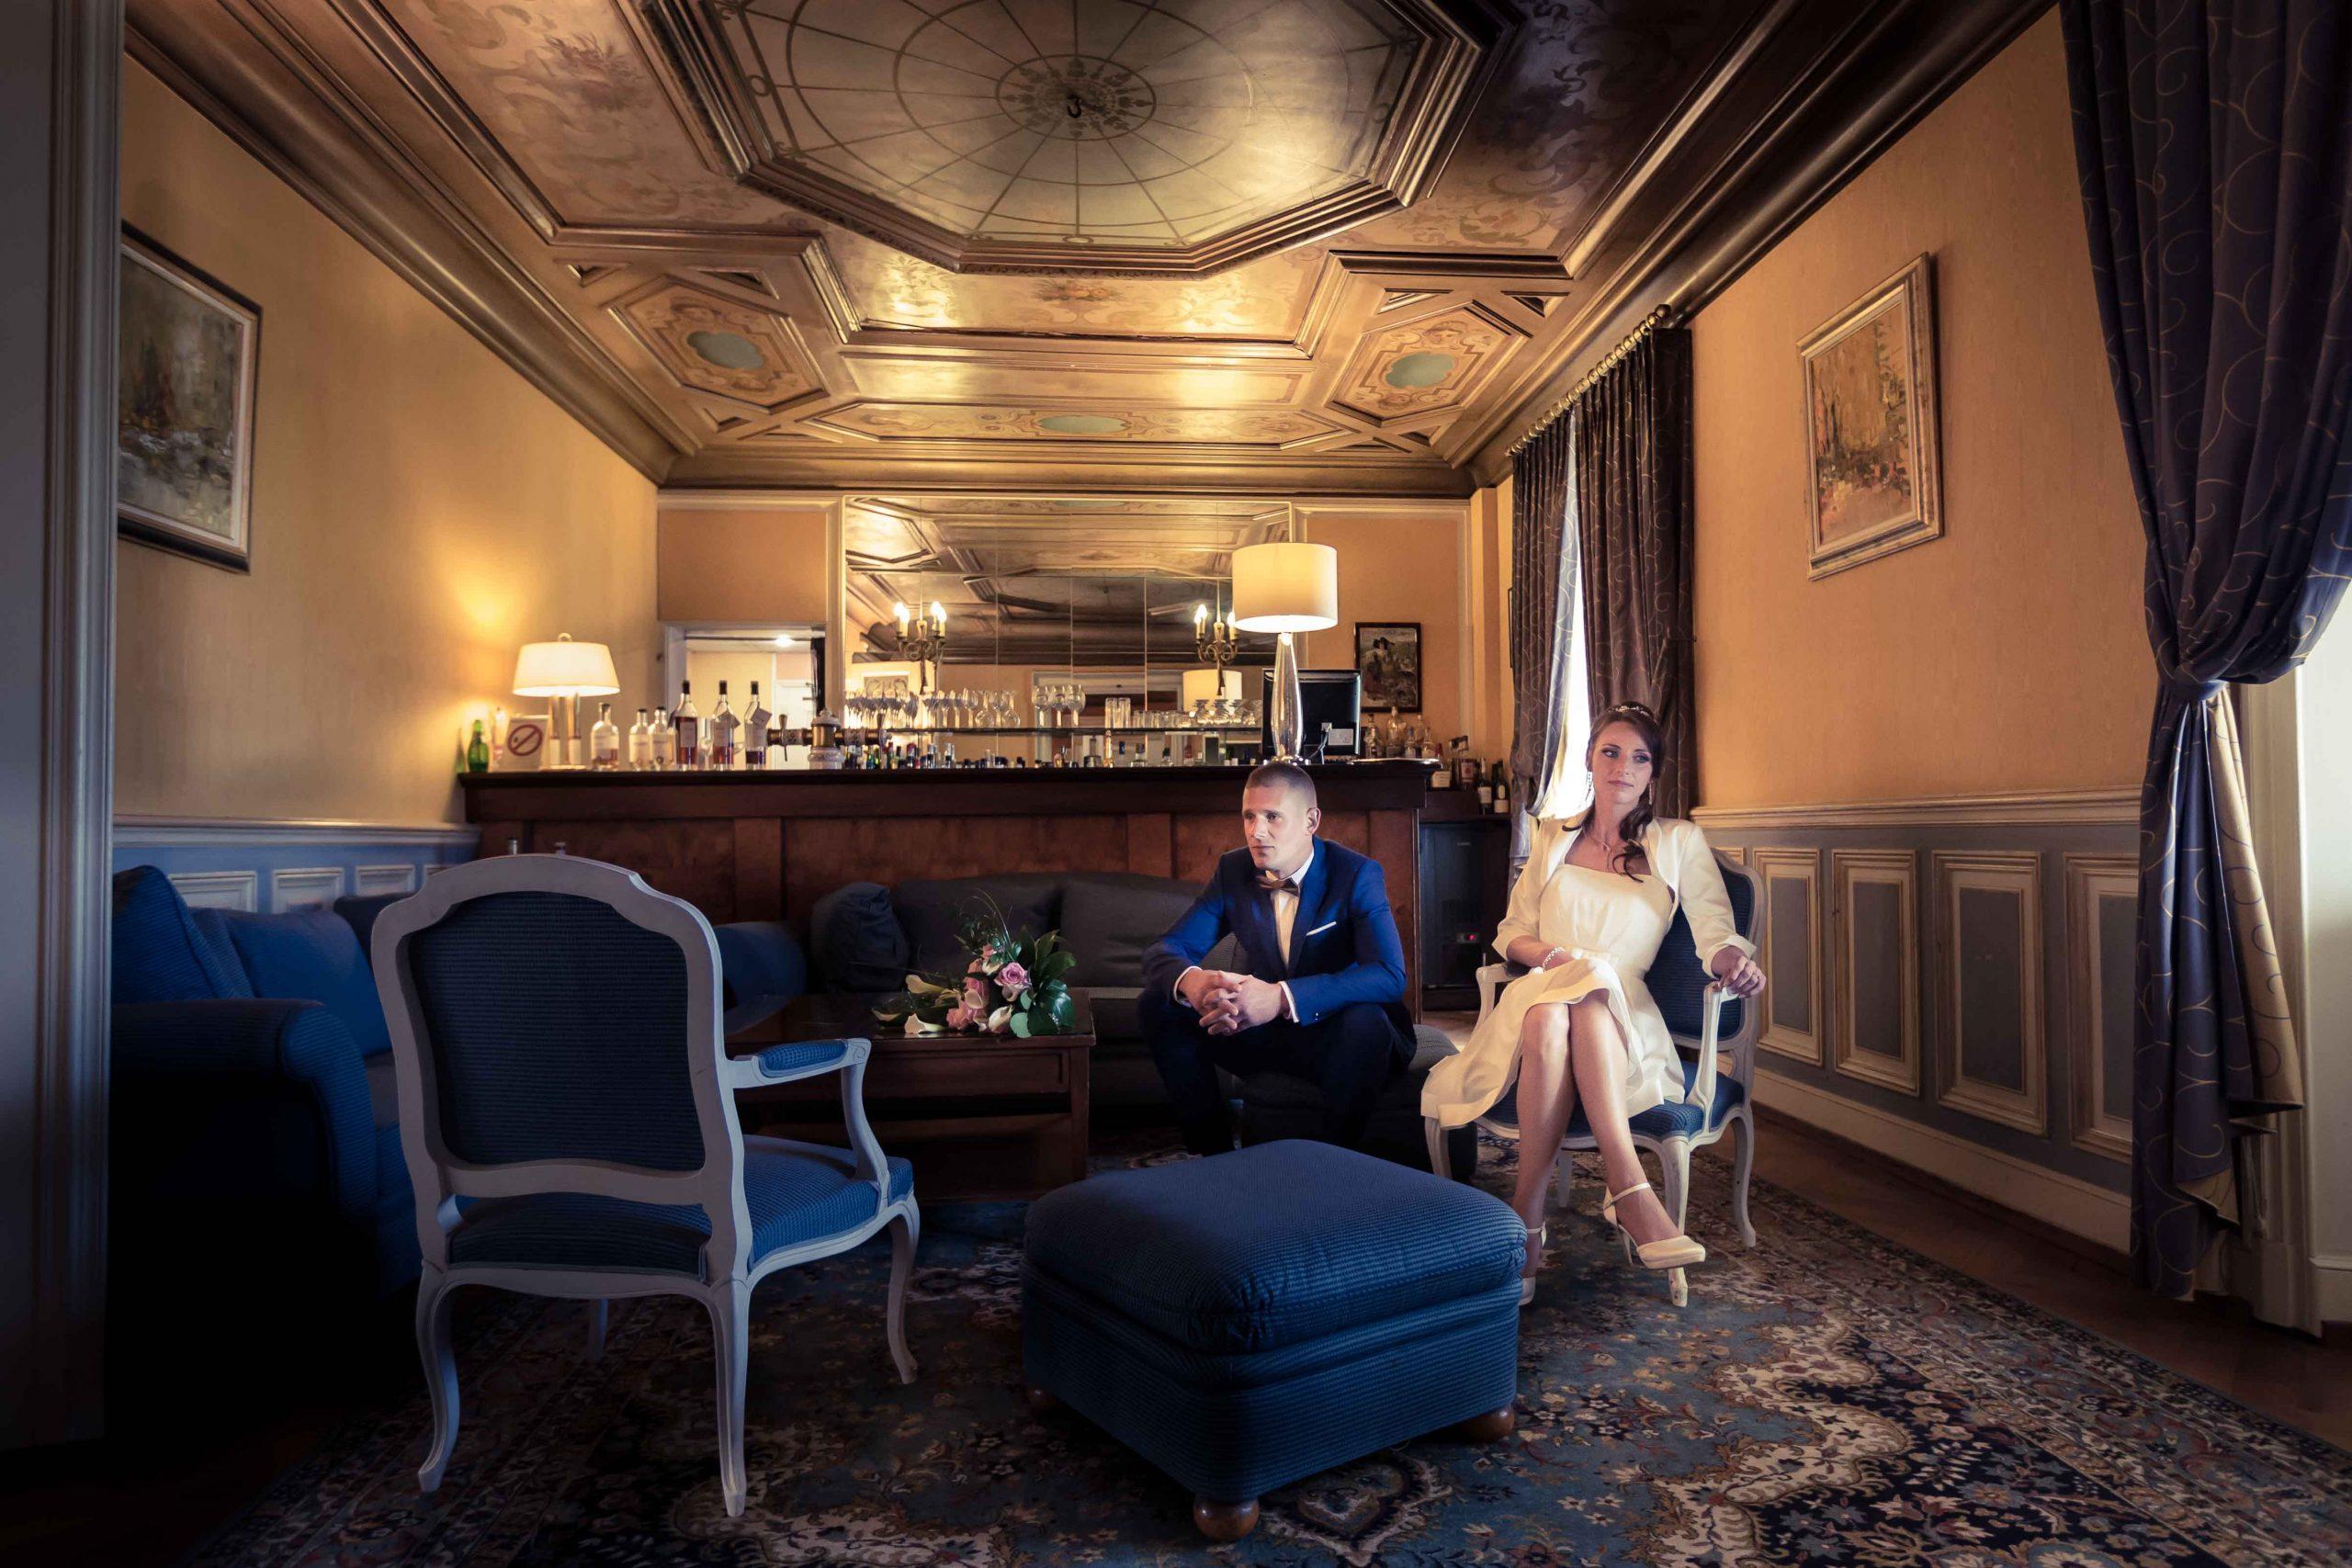 séance photo de mariage au chateau d'Issenbourg de Rouffach en Alsace